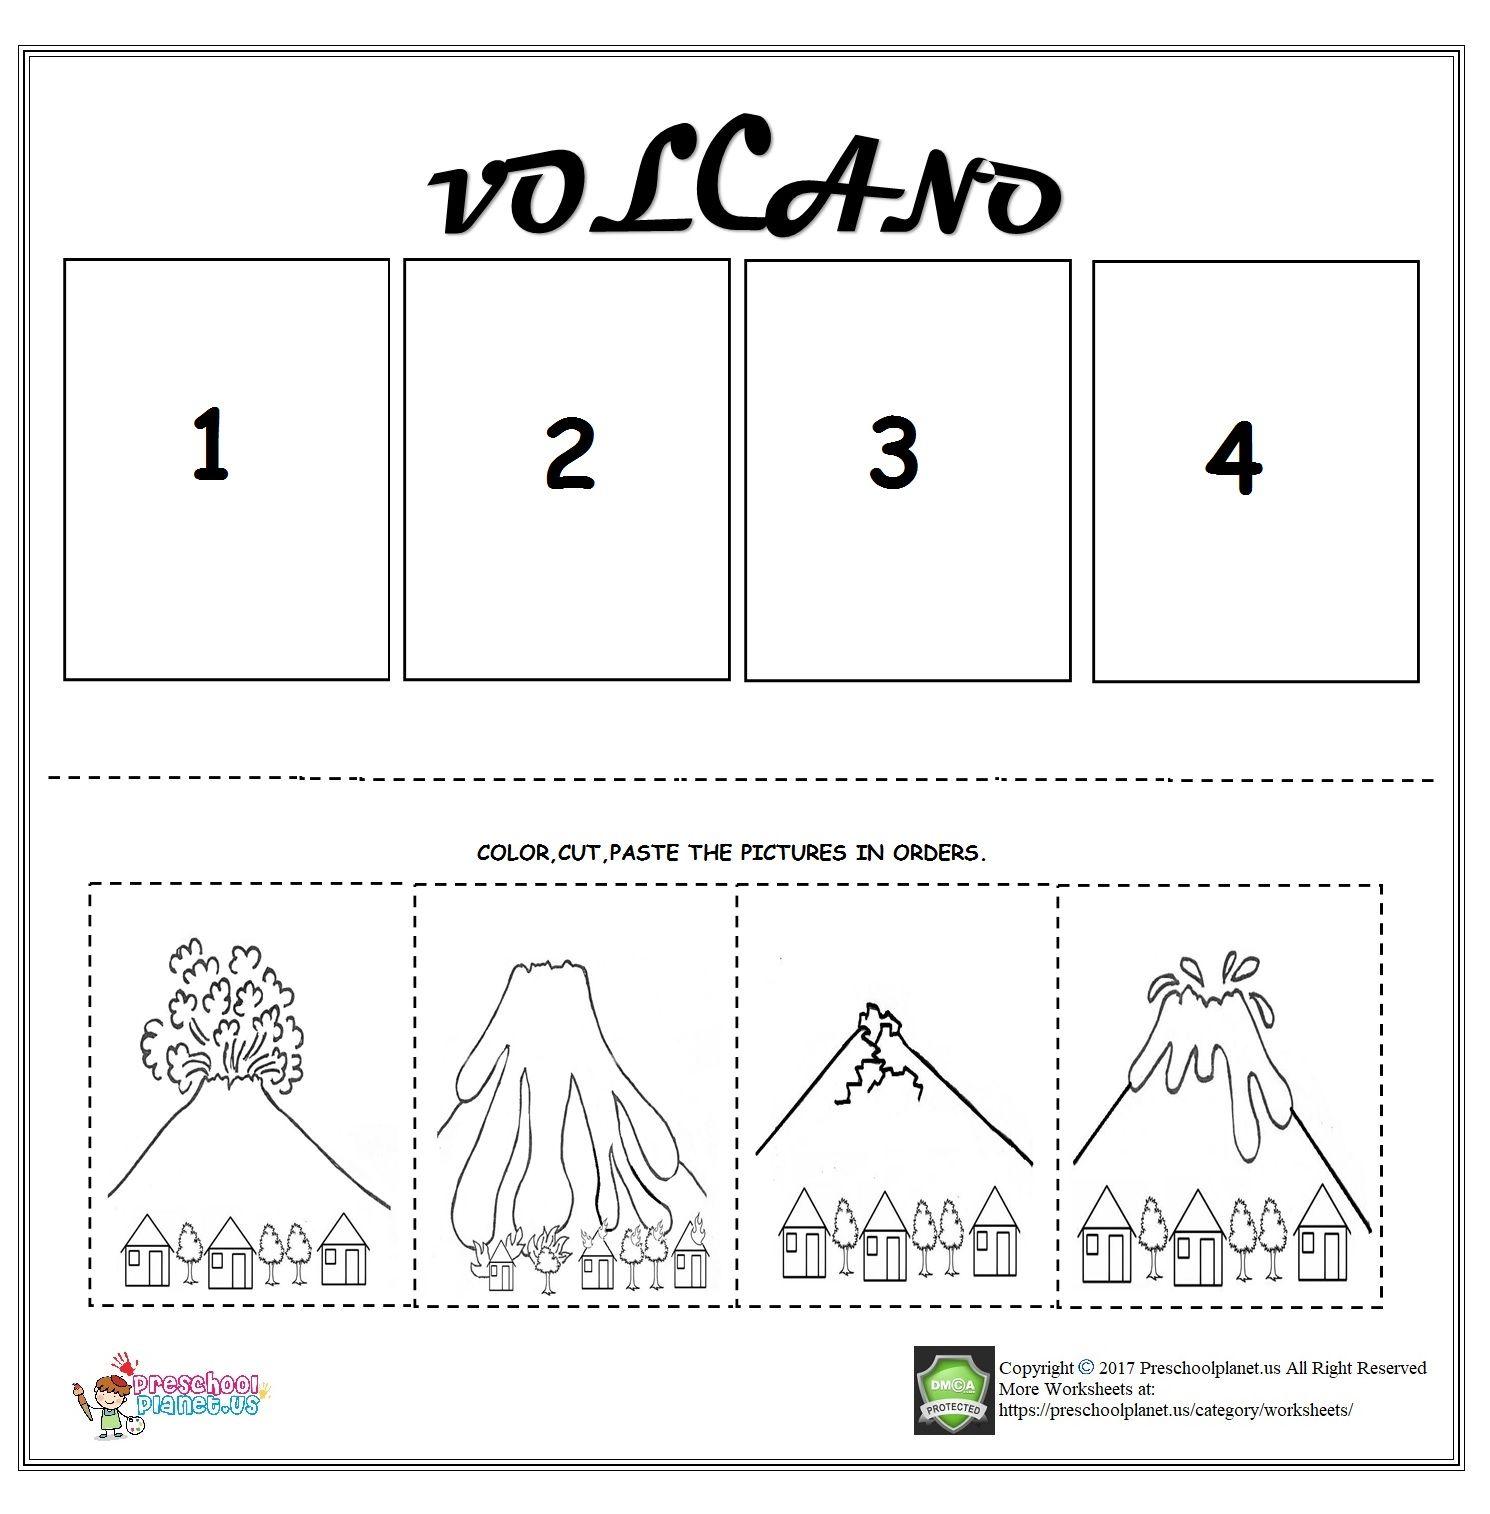 Volcano sequencing worksheet for kids   Kindergarten sequencing worksheets [ 1514 x 1490 Pixel ]